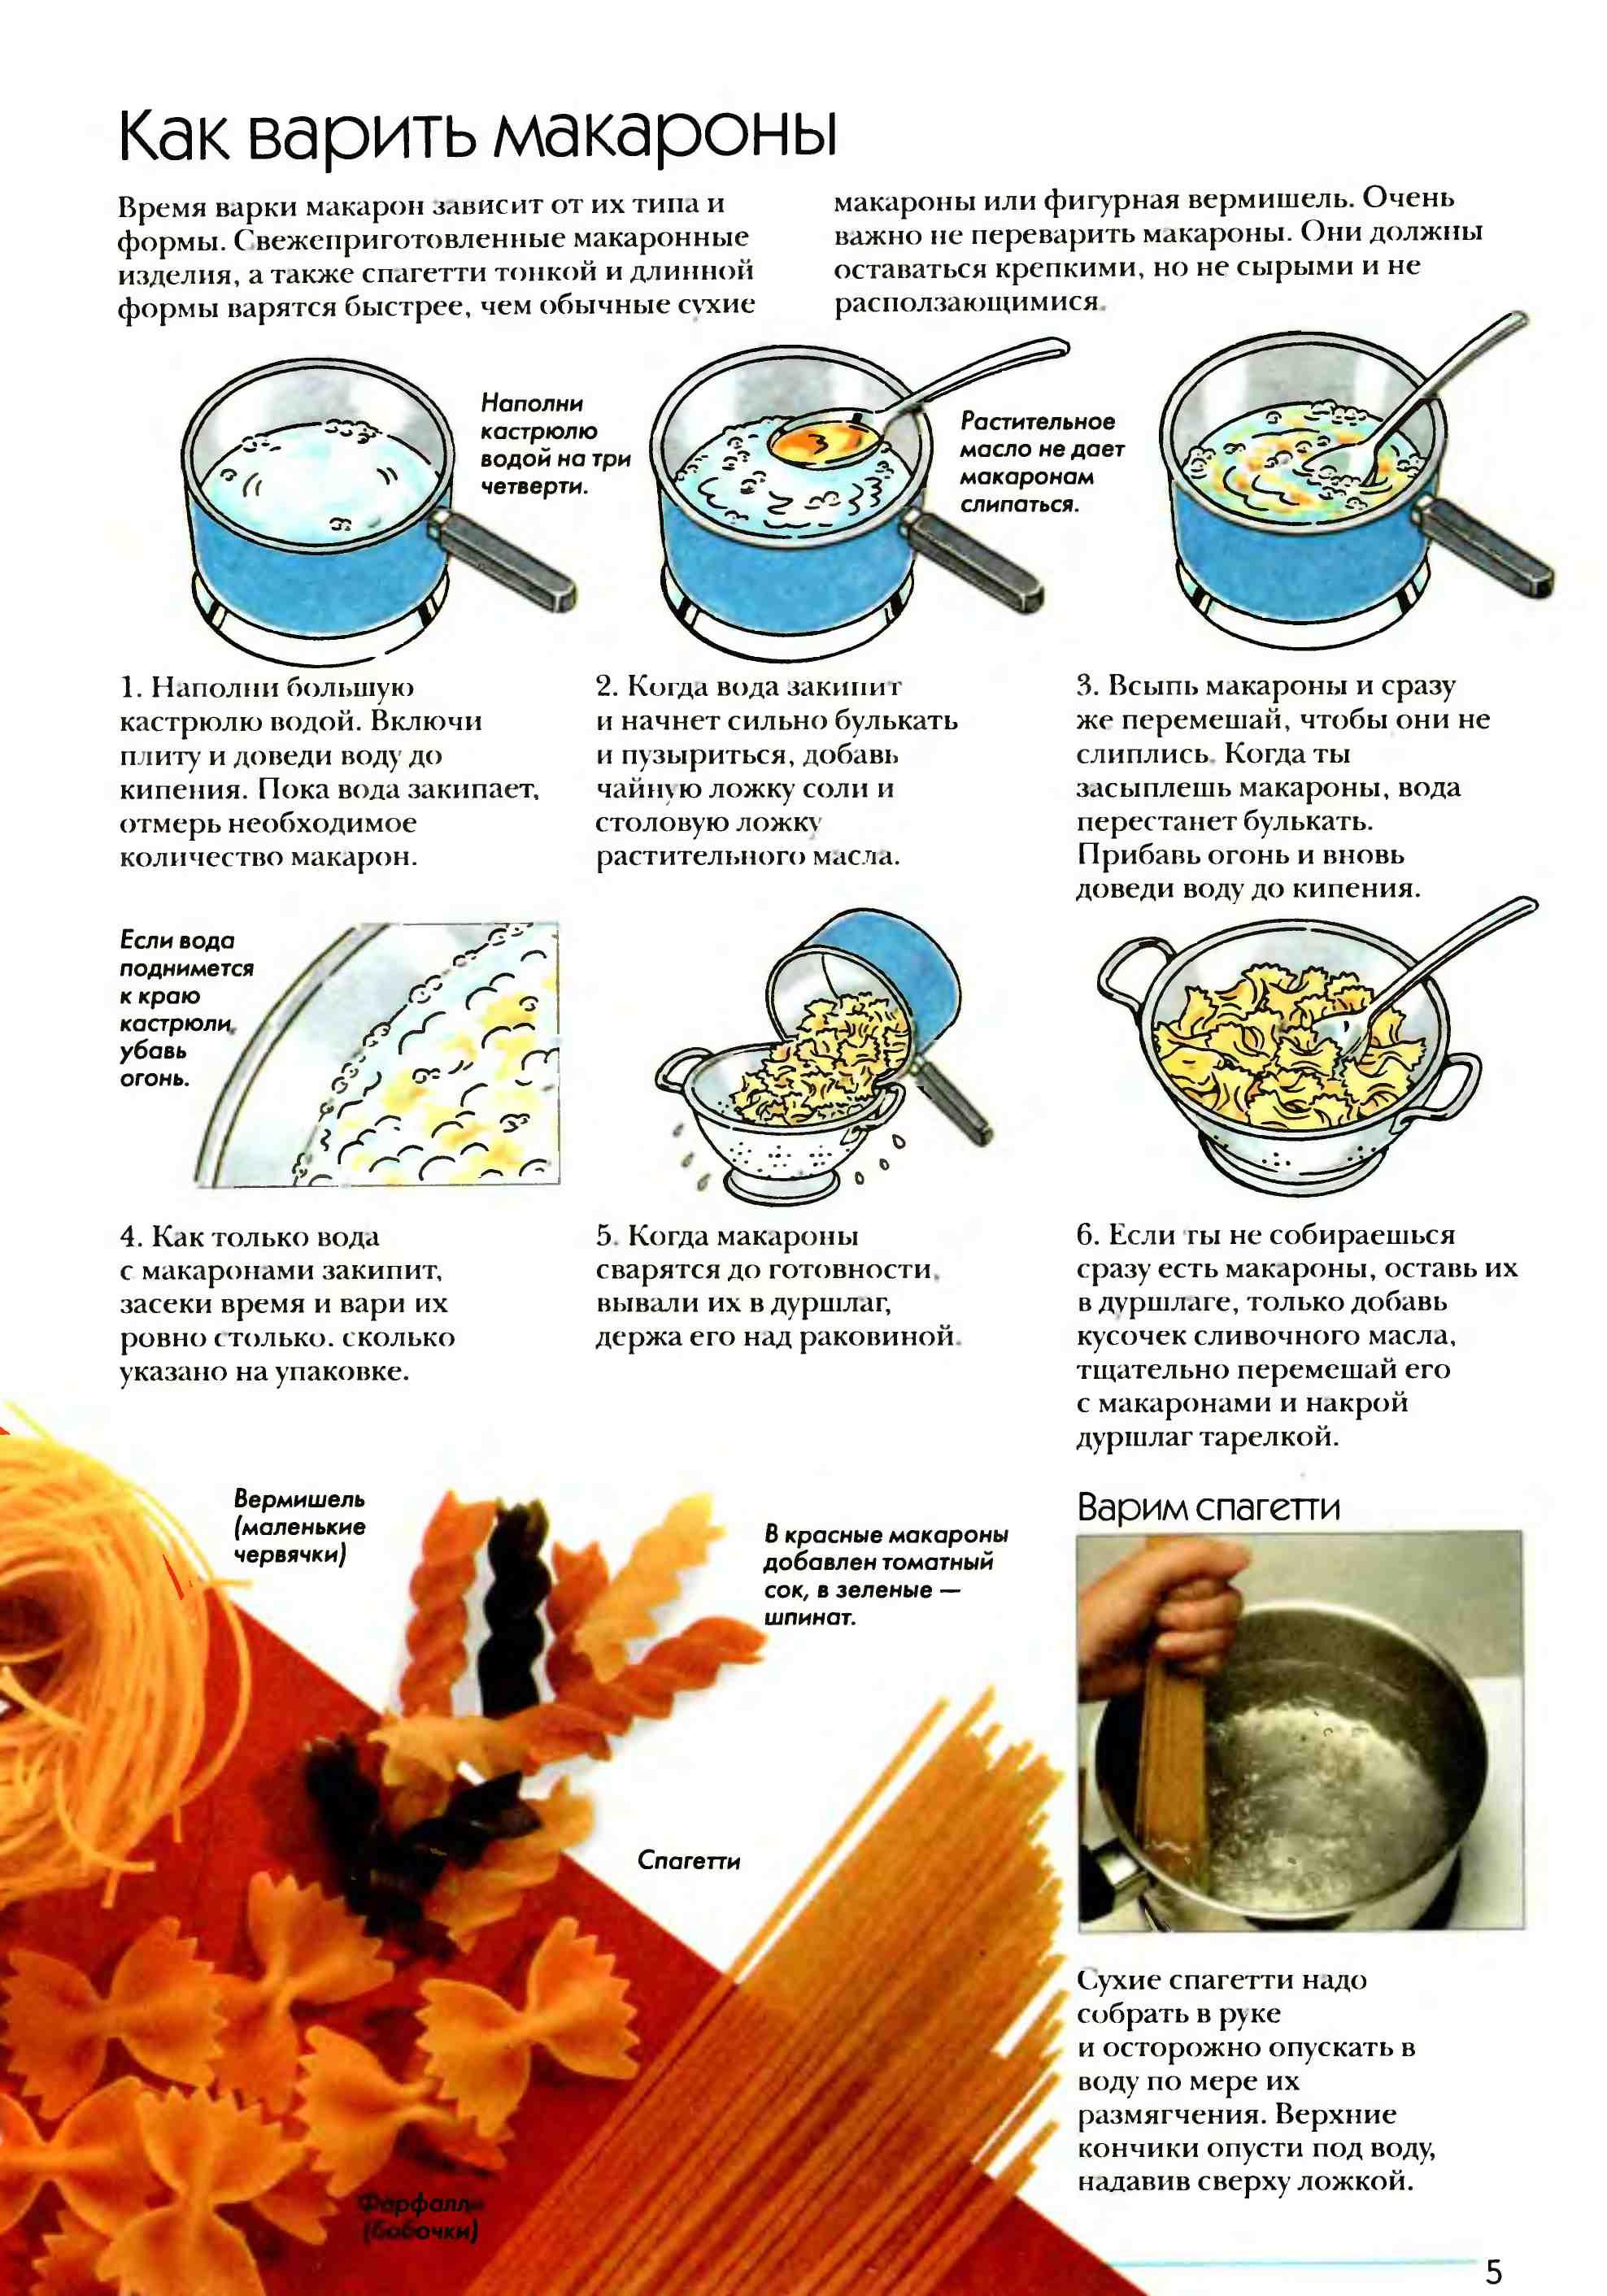 Как варить макароны твердых сортов | nur.kz